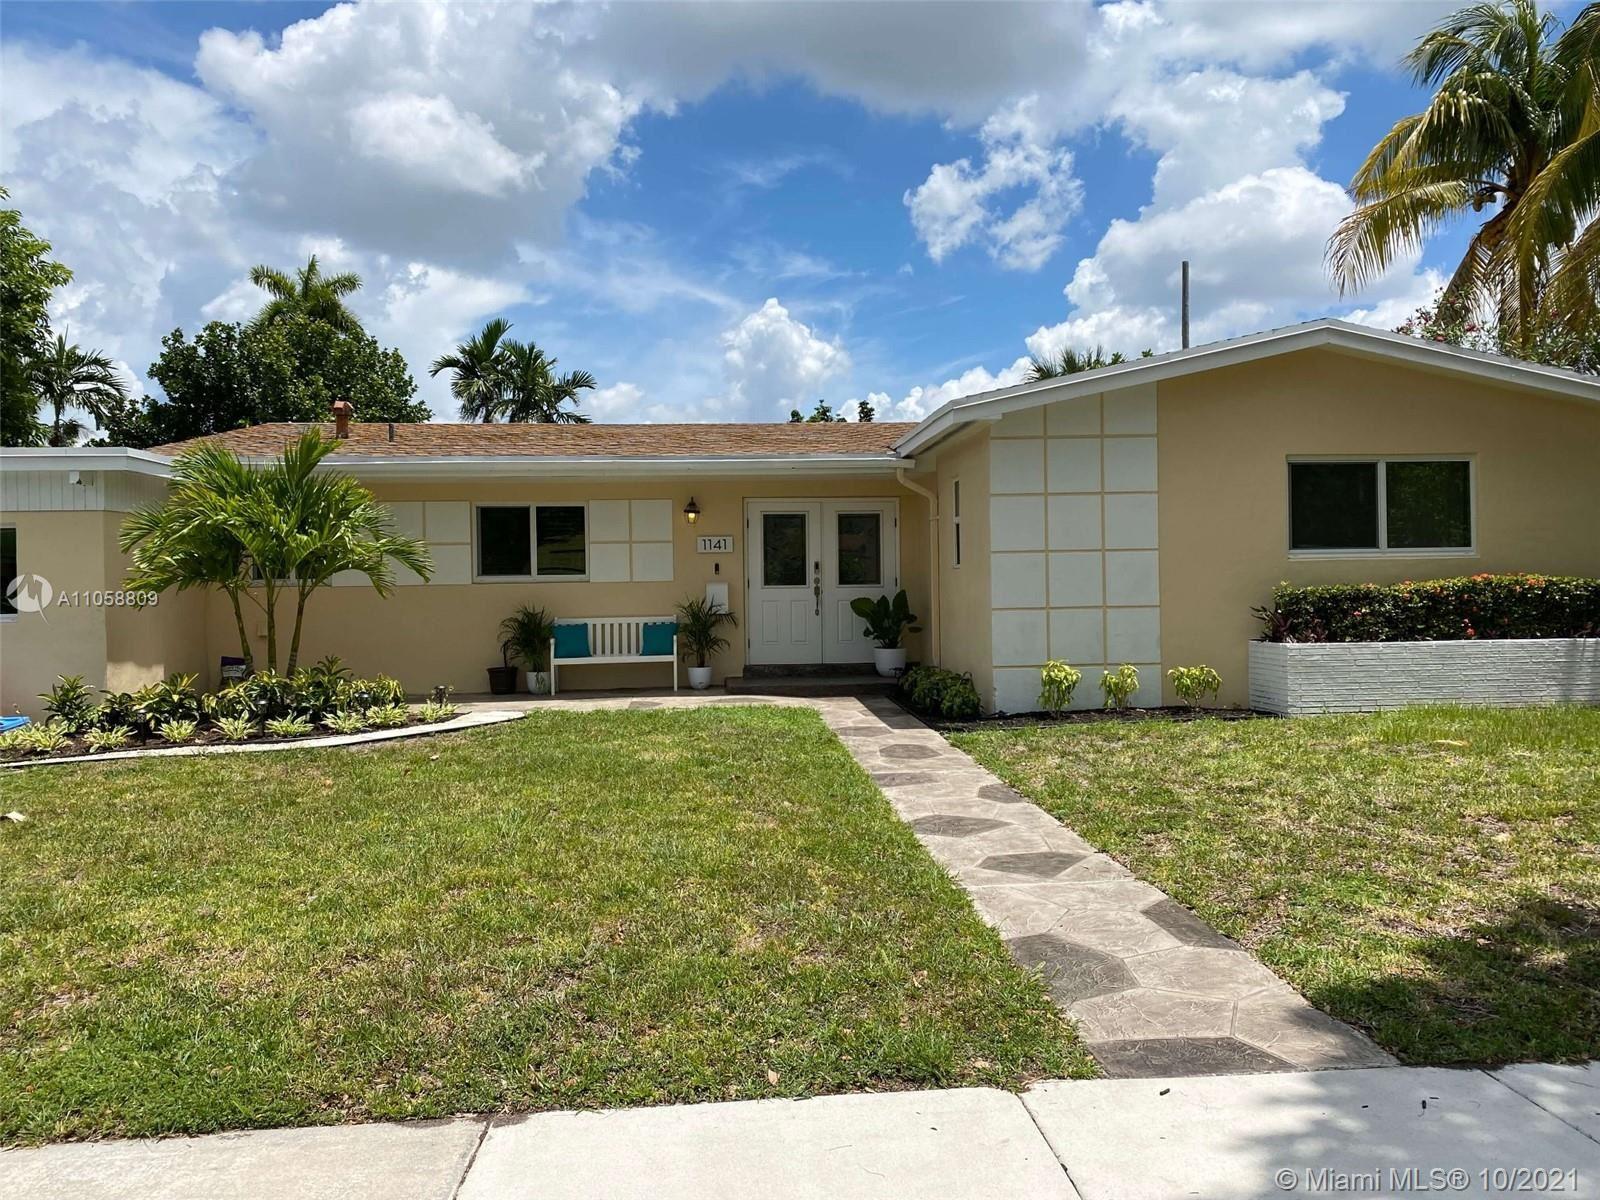 1141 NE 178th Ter, North Miami Beach, FL 33162 - #: A11058809